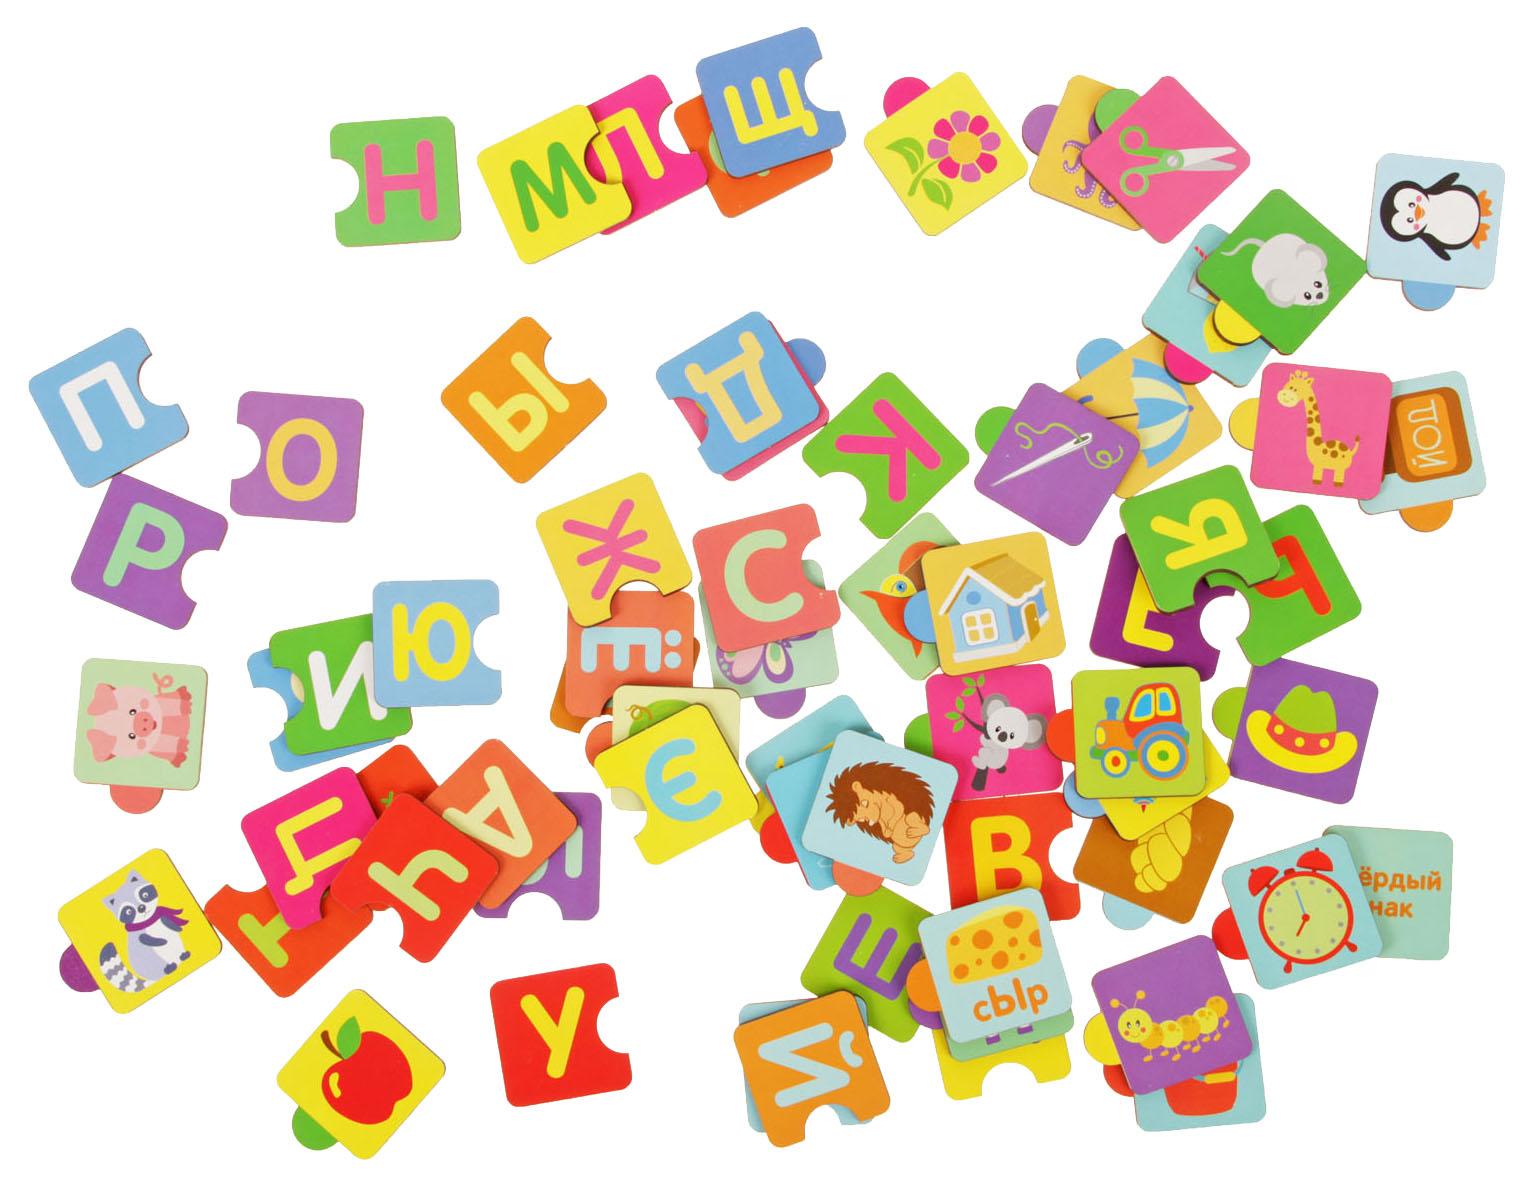 Пазл Русский алфавит, 66 элементов